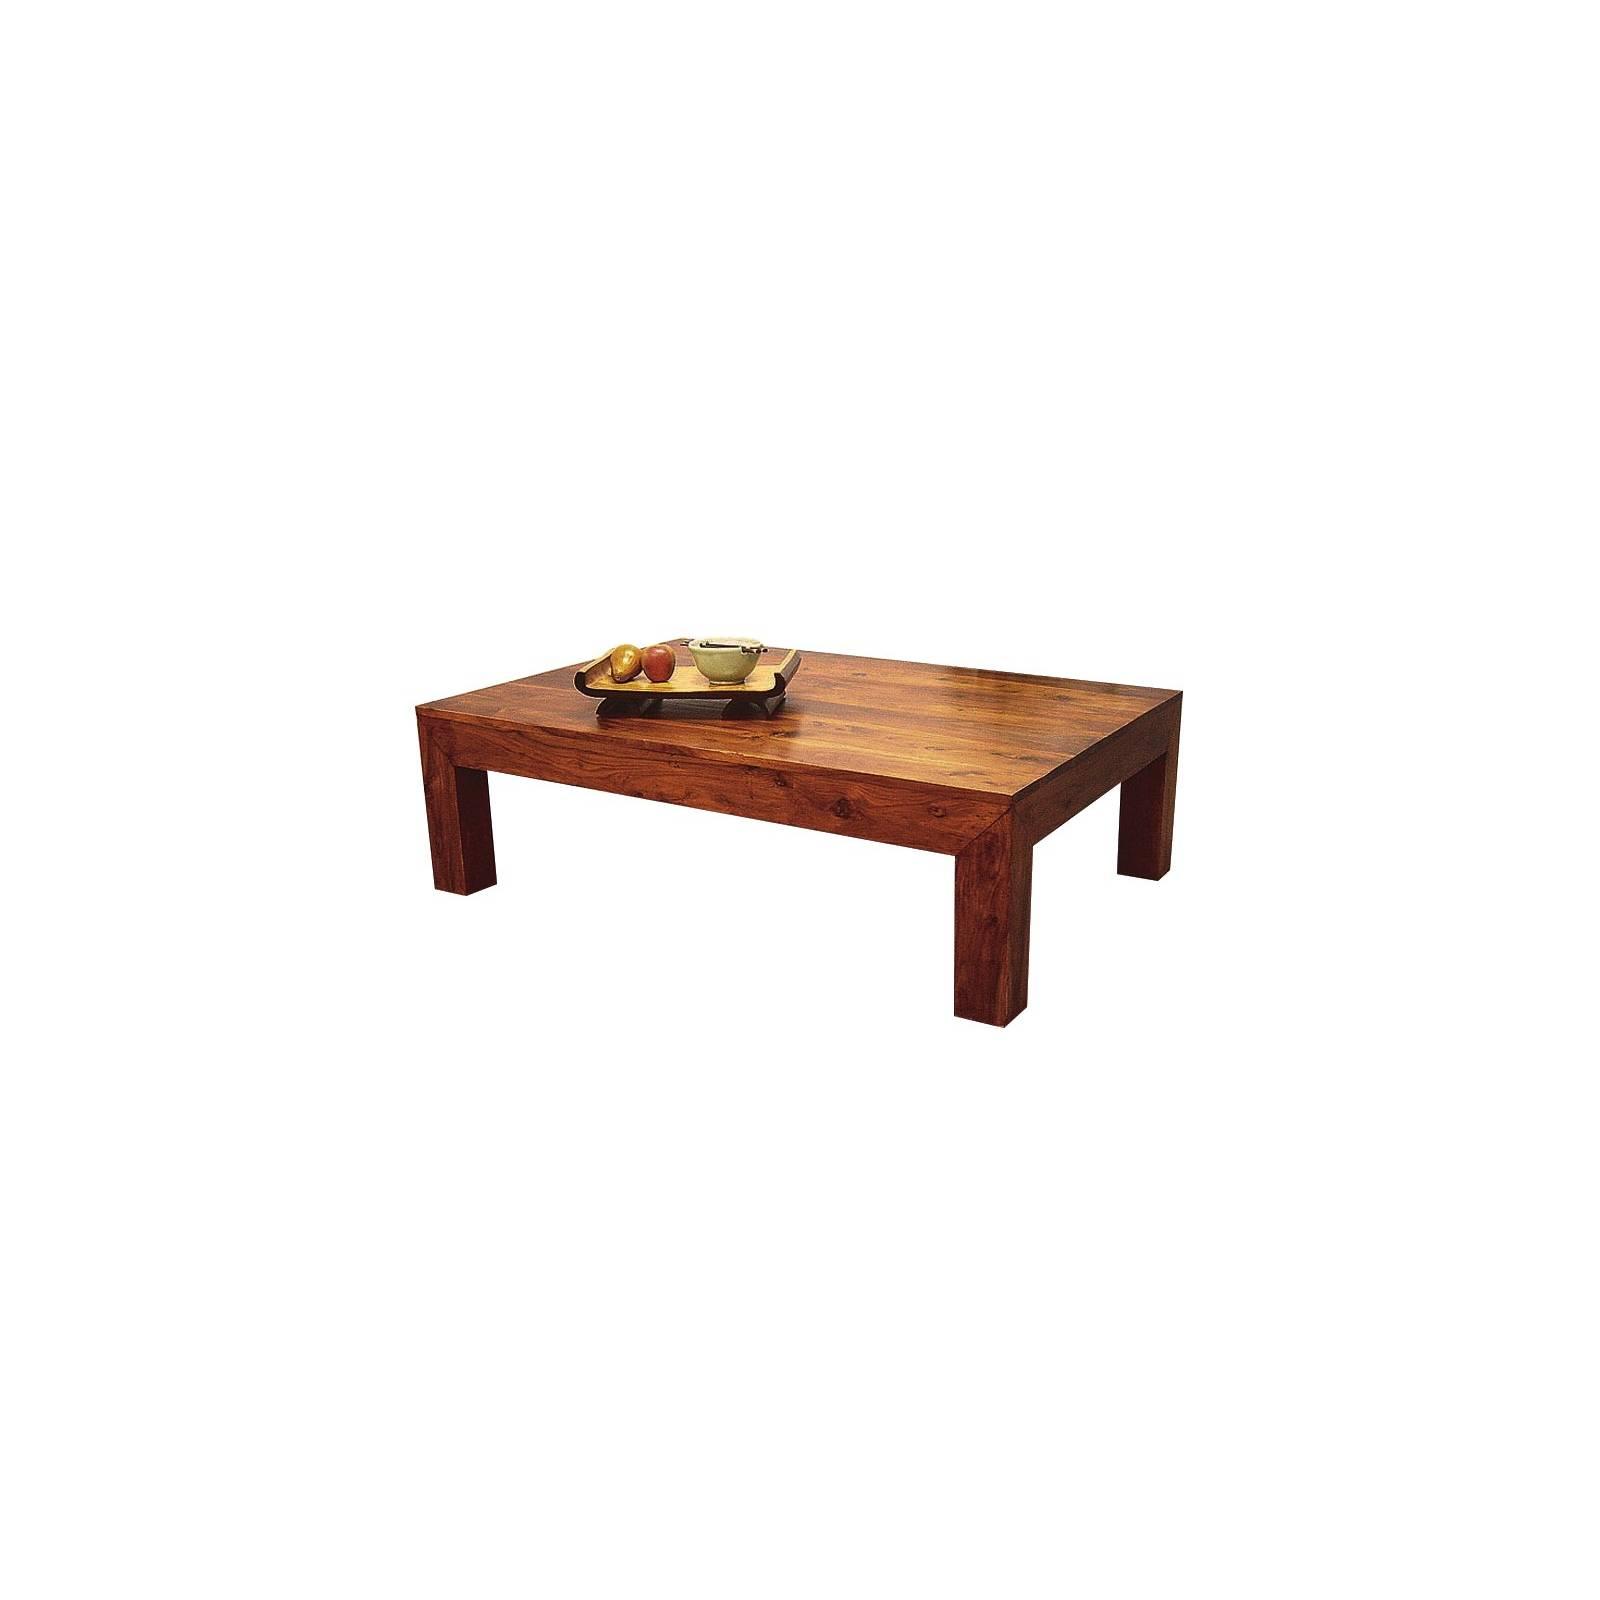 Table Basse Palissandre Zen 130 - meuble en bois exotique